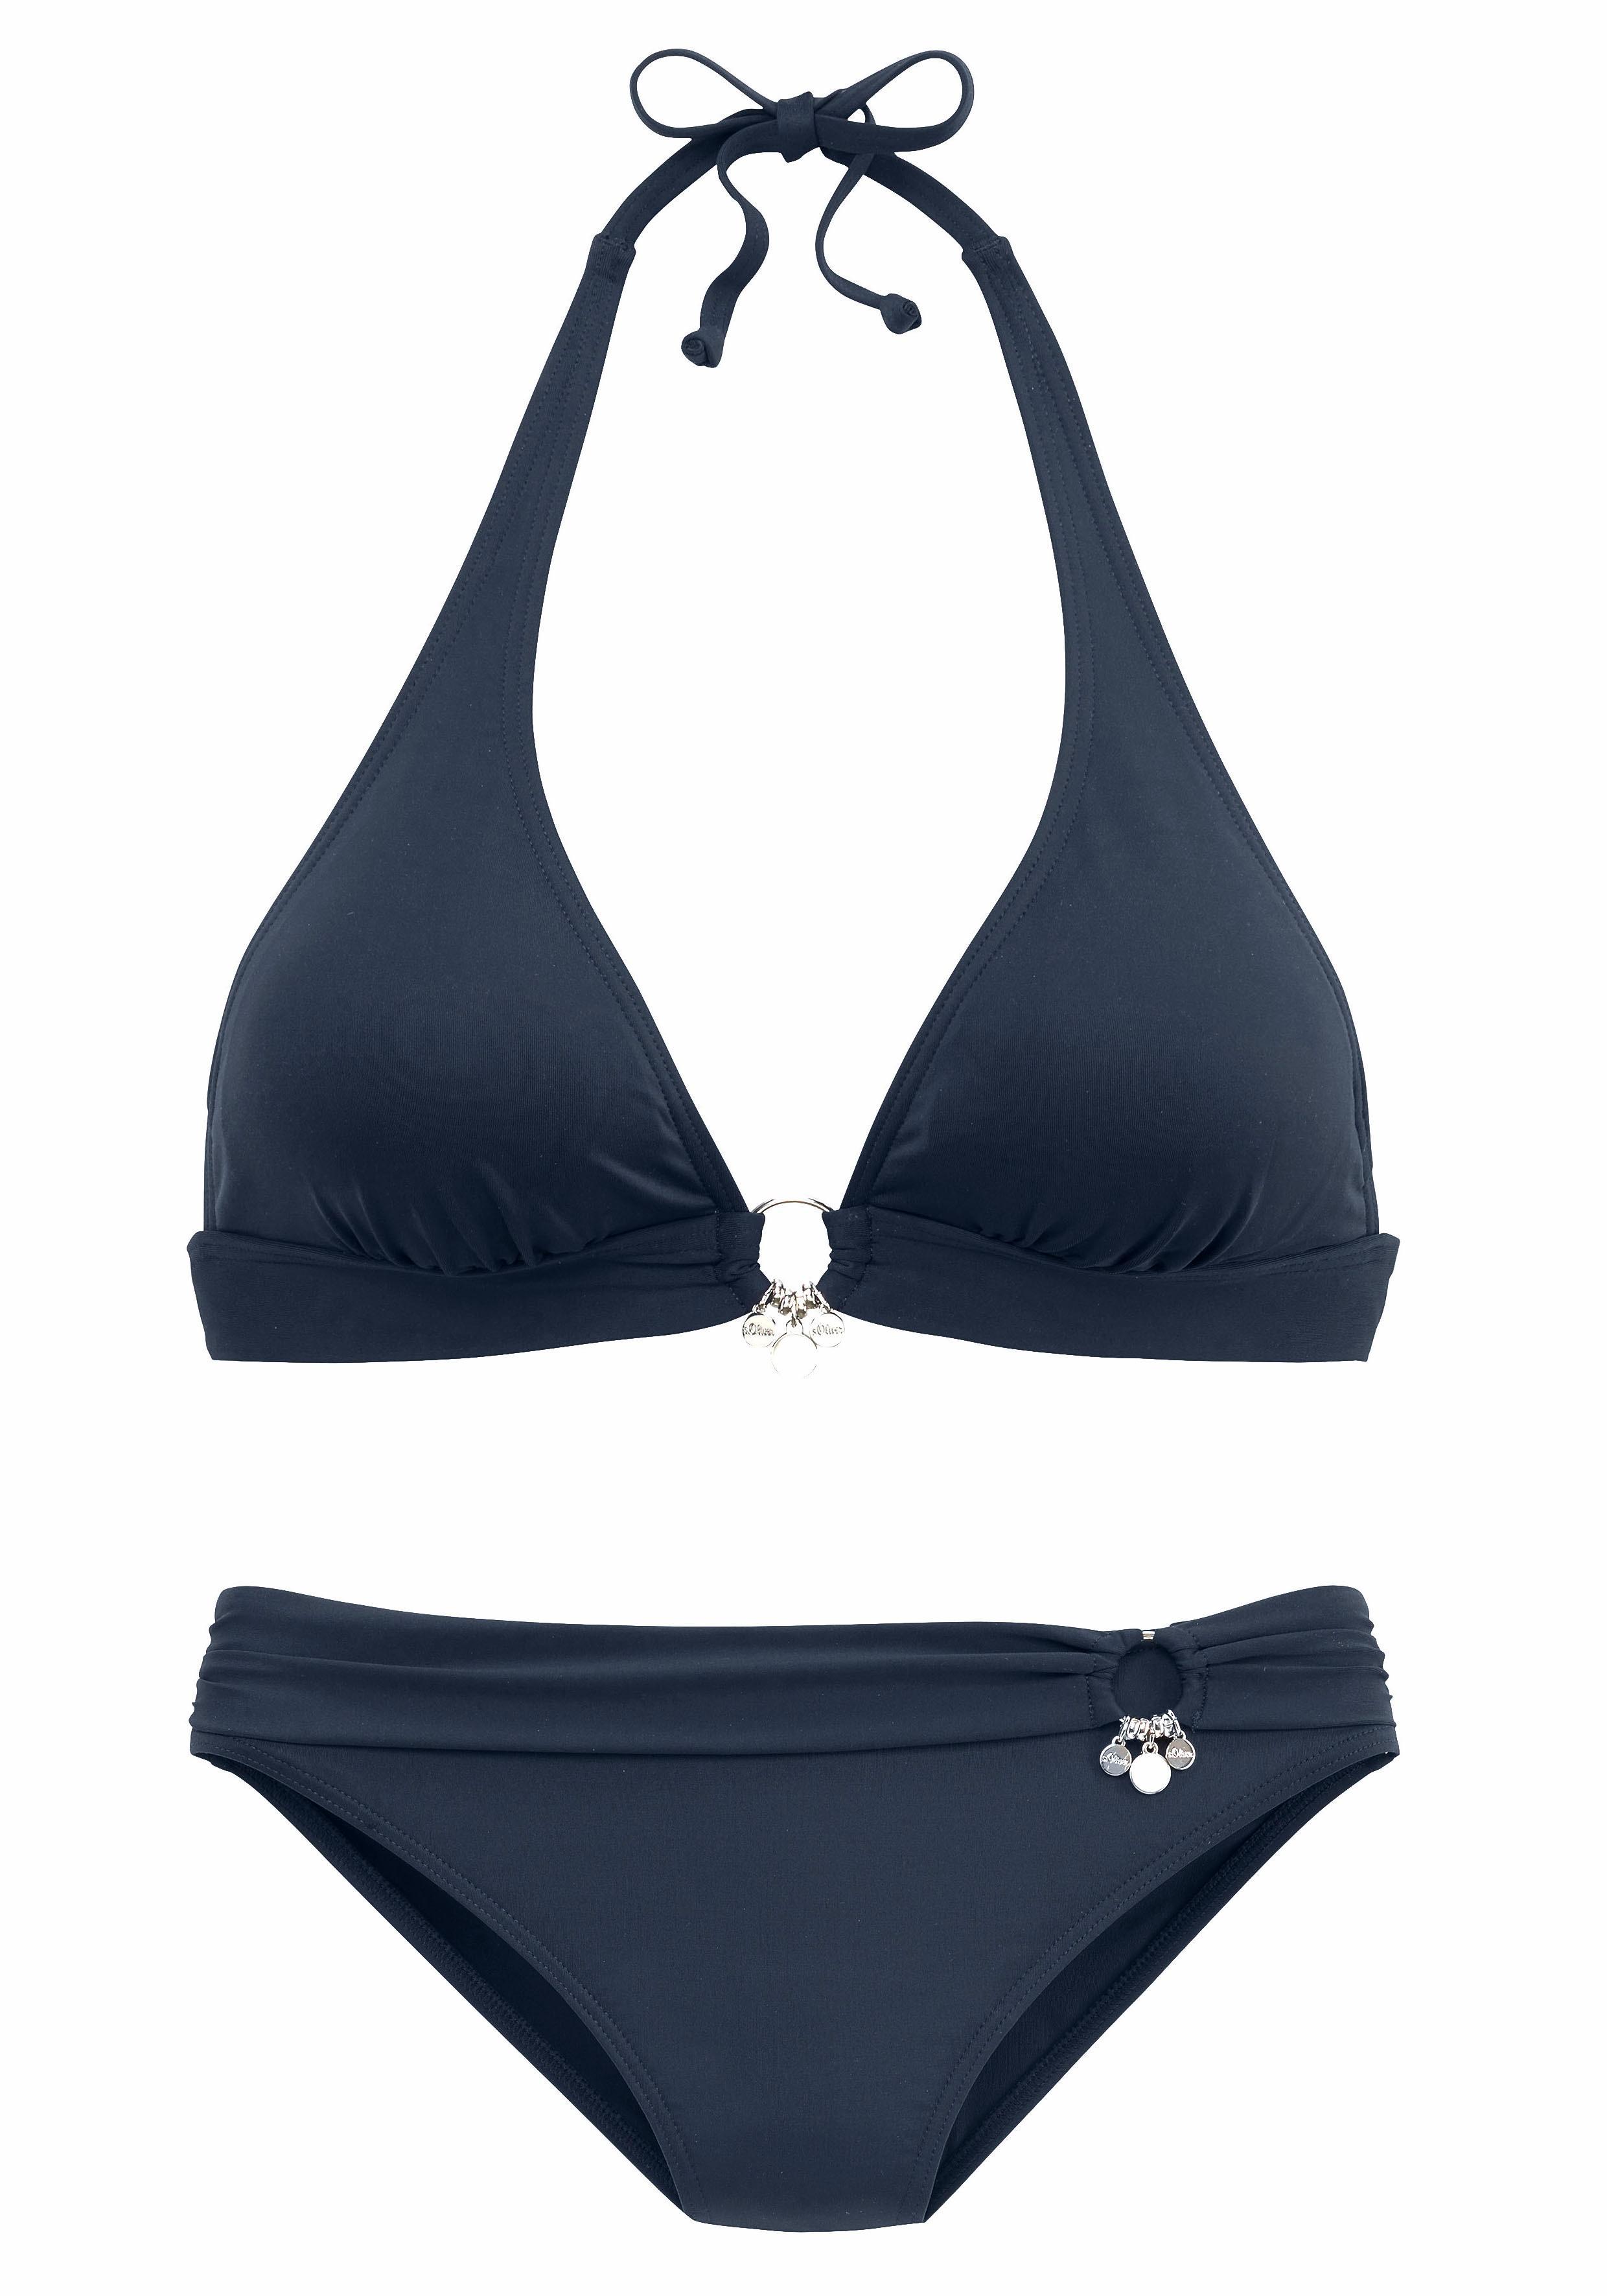 s.Oliver Triangel-Bikini mit Accessoires günstig online kaufen